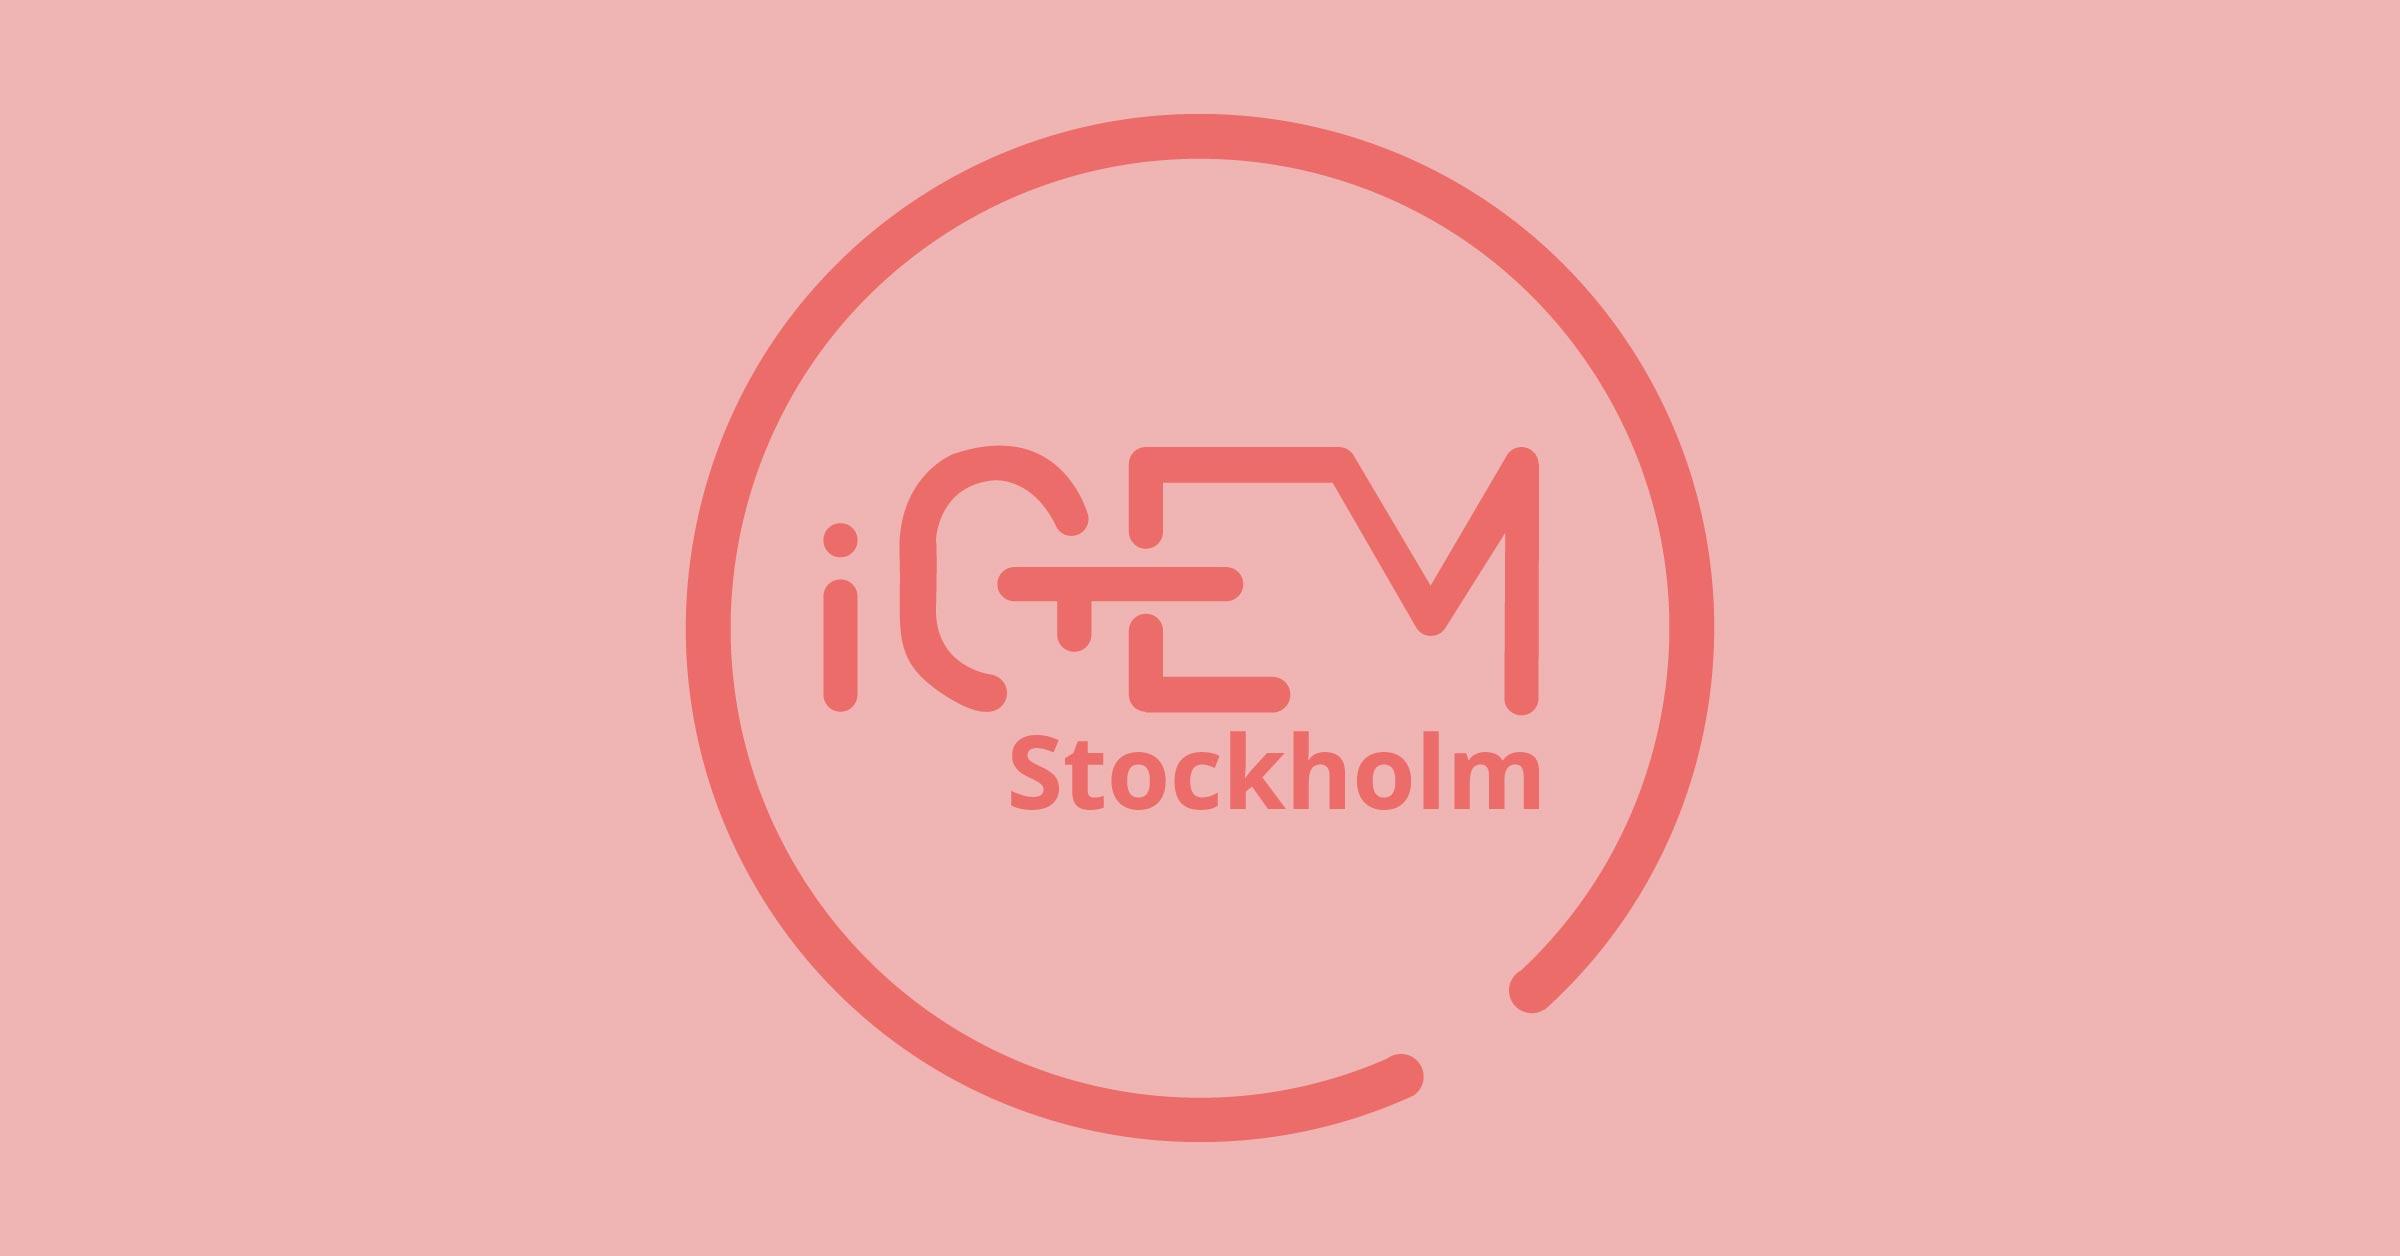 igem_stockholm_logo_red